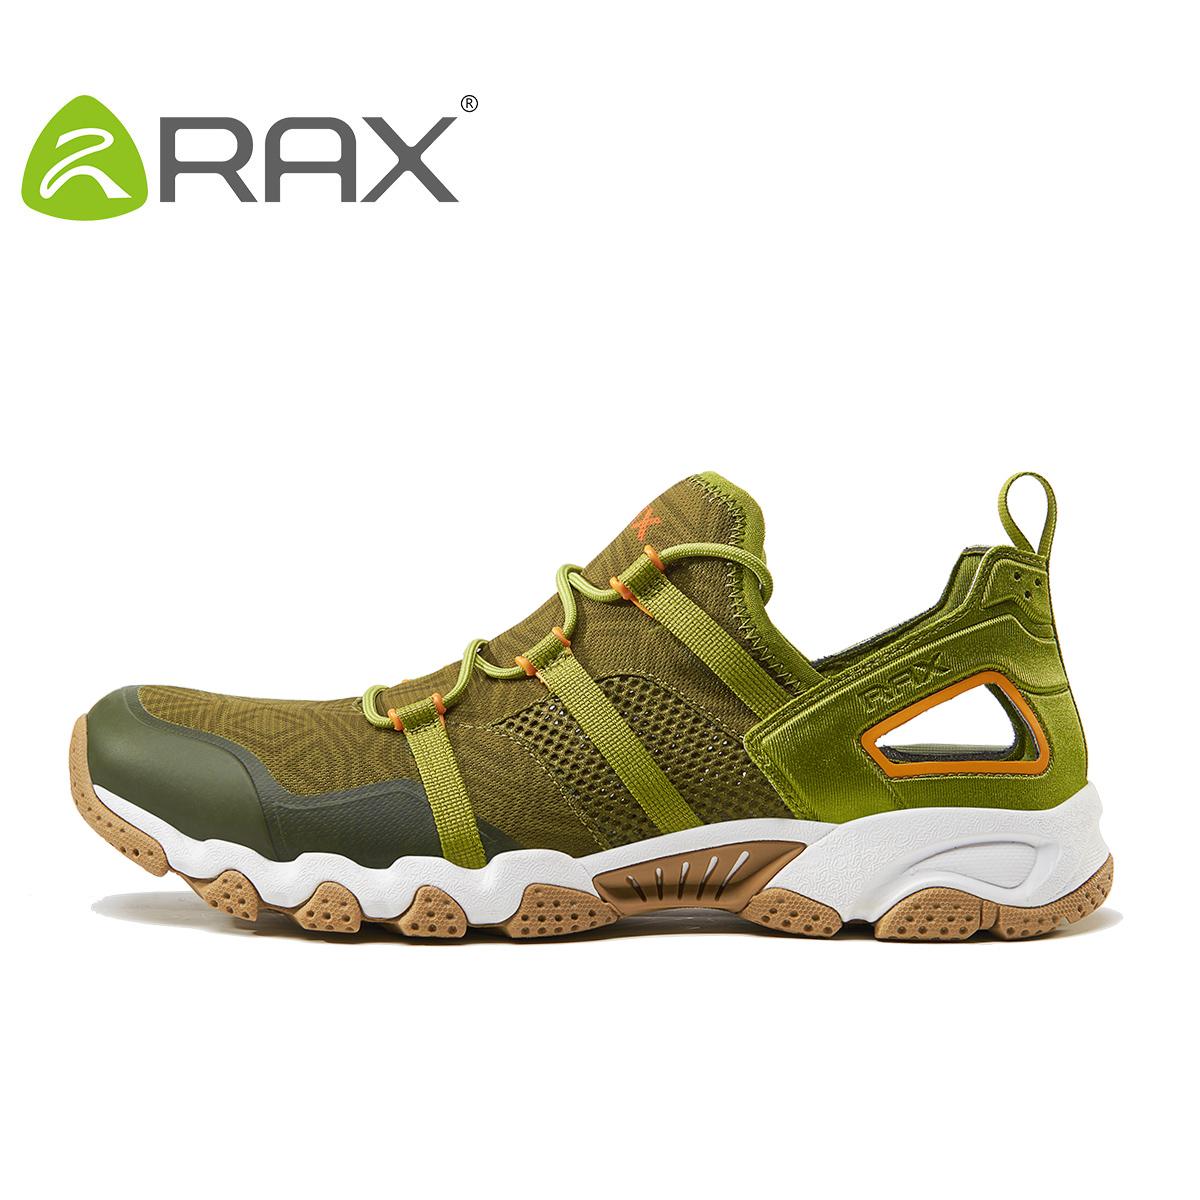 Кроссовки облегчённые ракс весной и летом, река треккинг обувь мужчины скорость вмешательства воды обувь женщин дышащий Пешие прогулки обувь не скользит на открытом воздухе рыбалки обувь